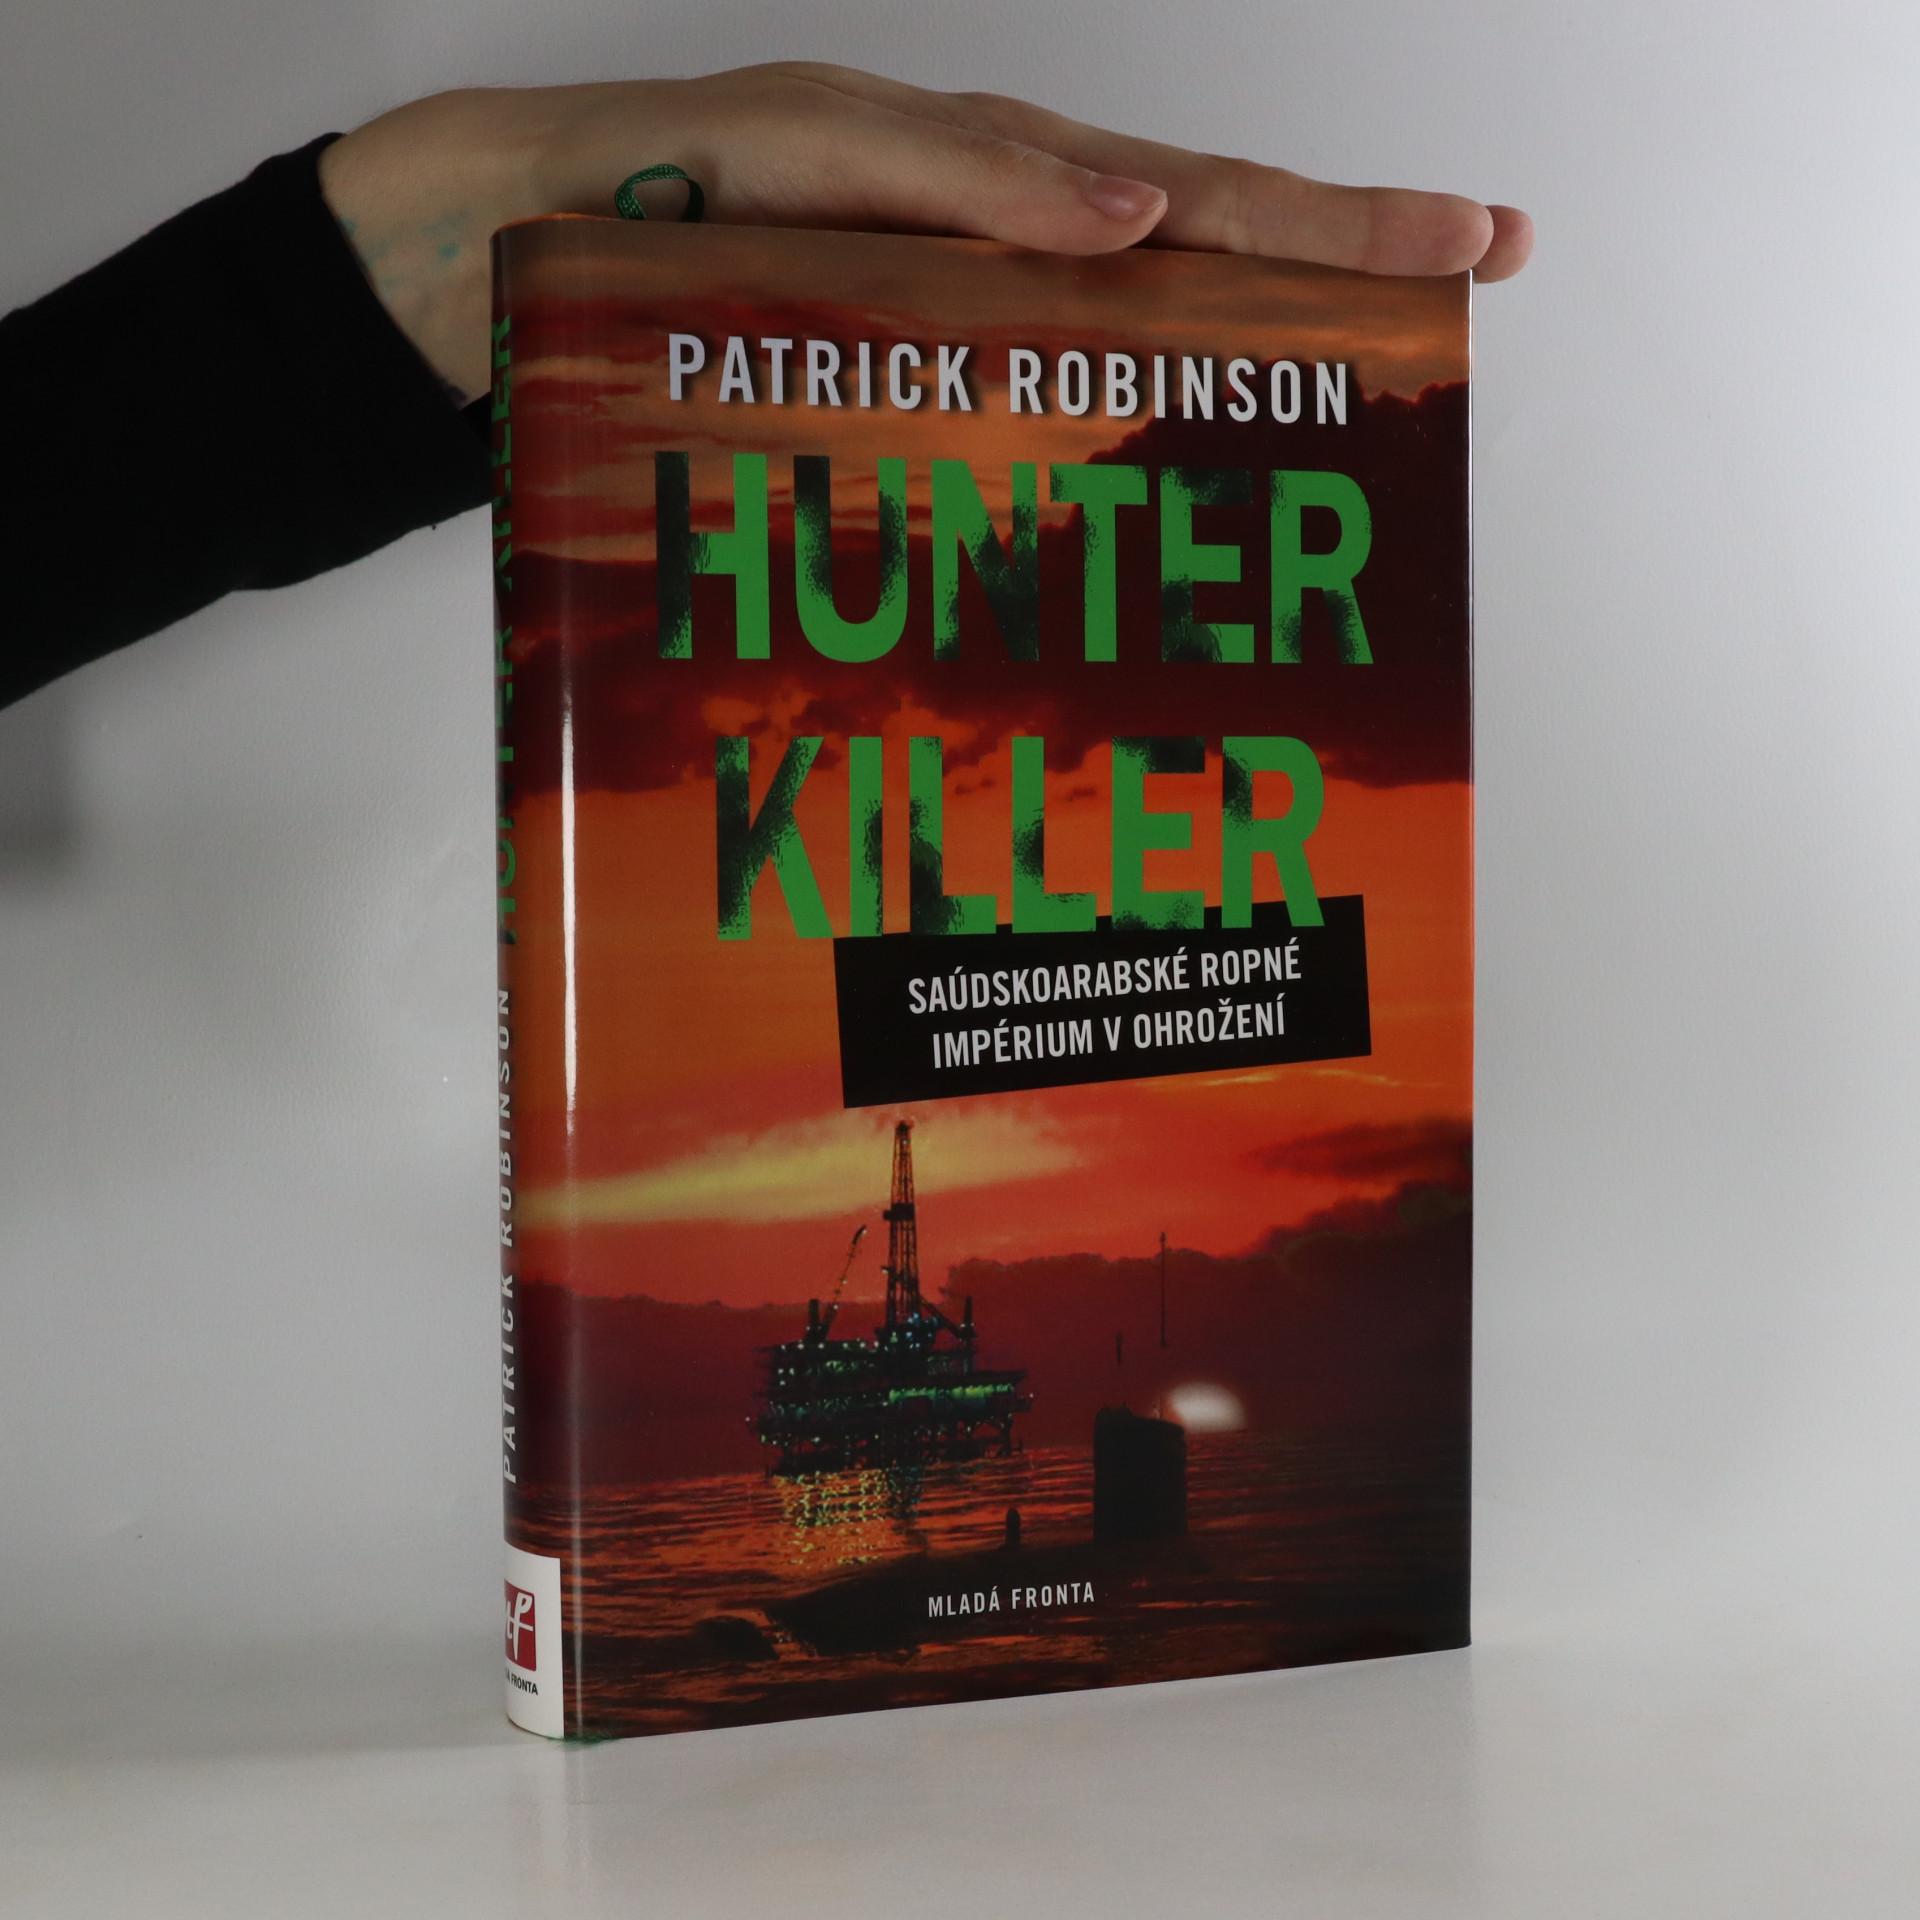 antikvární kniha Hunter Killer. Saúdskoarabské ropné impérium v ohrožení, 2009